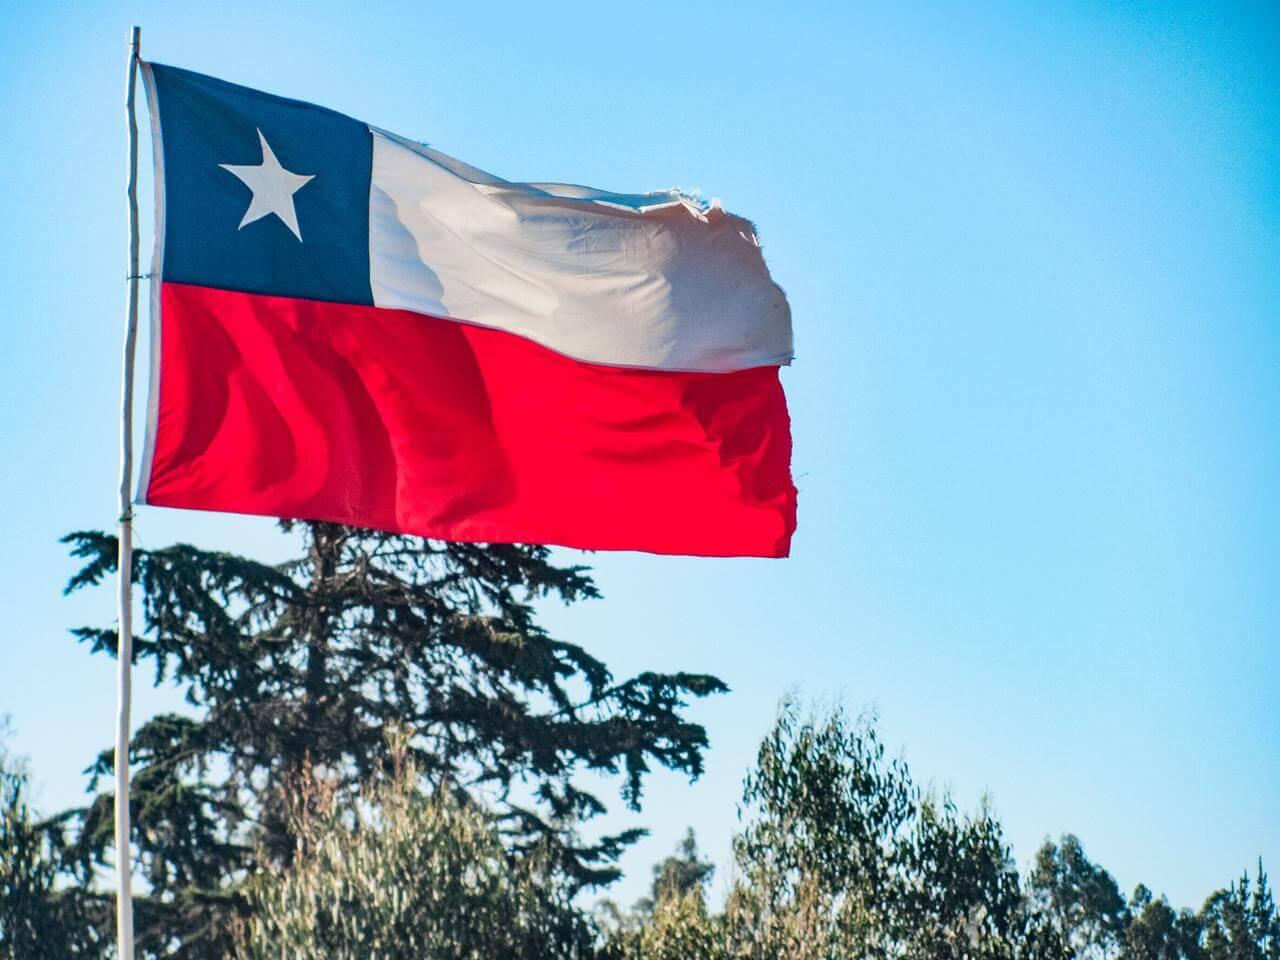 permisos y viajes interregionales en Chile – Bichito viajero